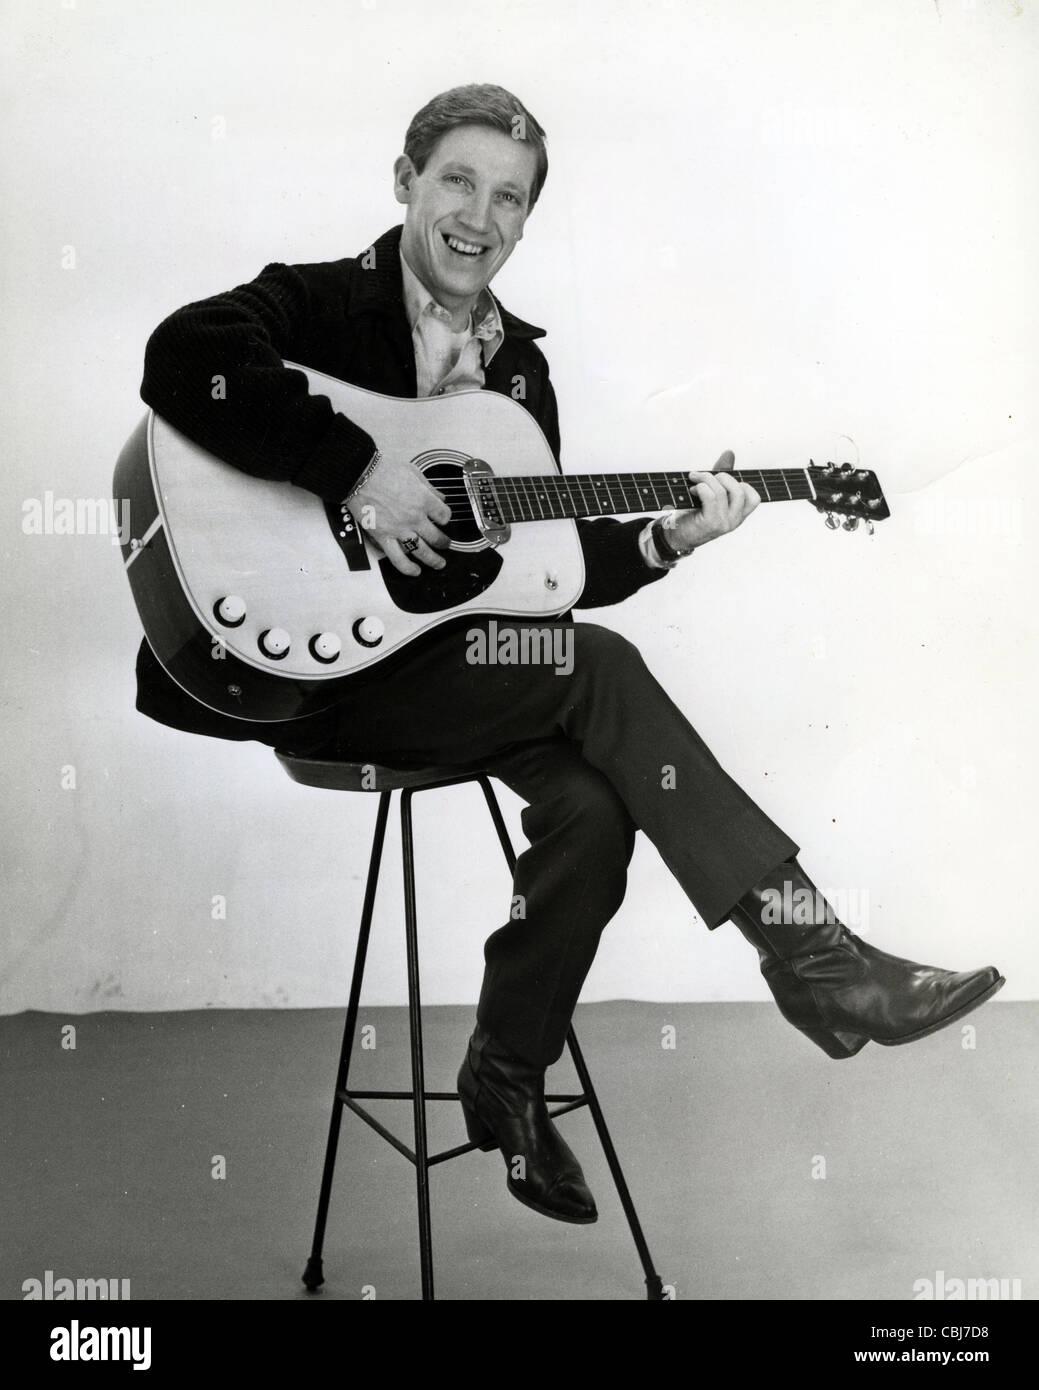 KARL DENVER (1931-1998) Scottish singer about 1961 - Stock Image